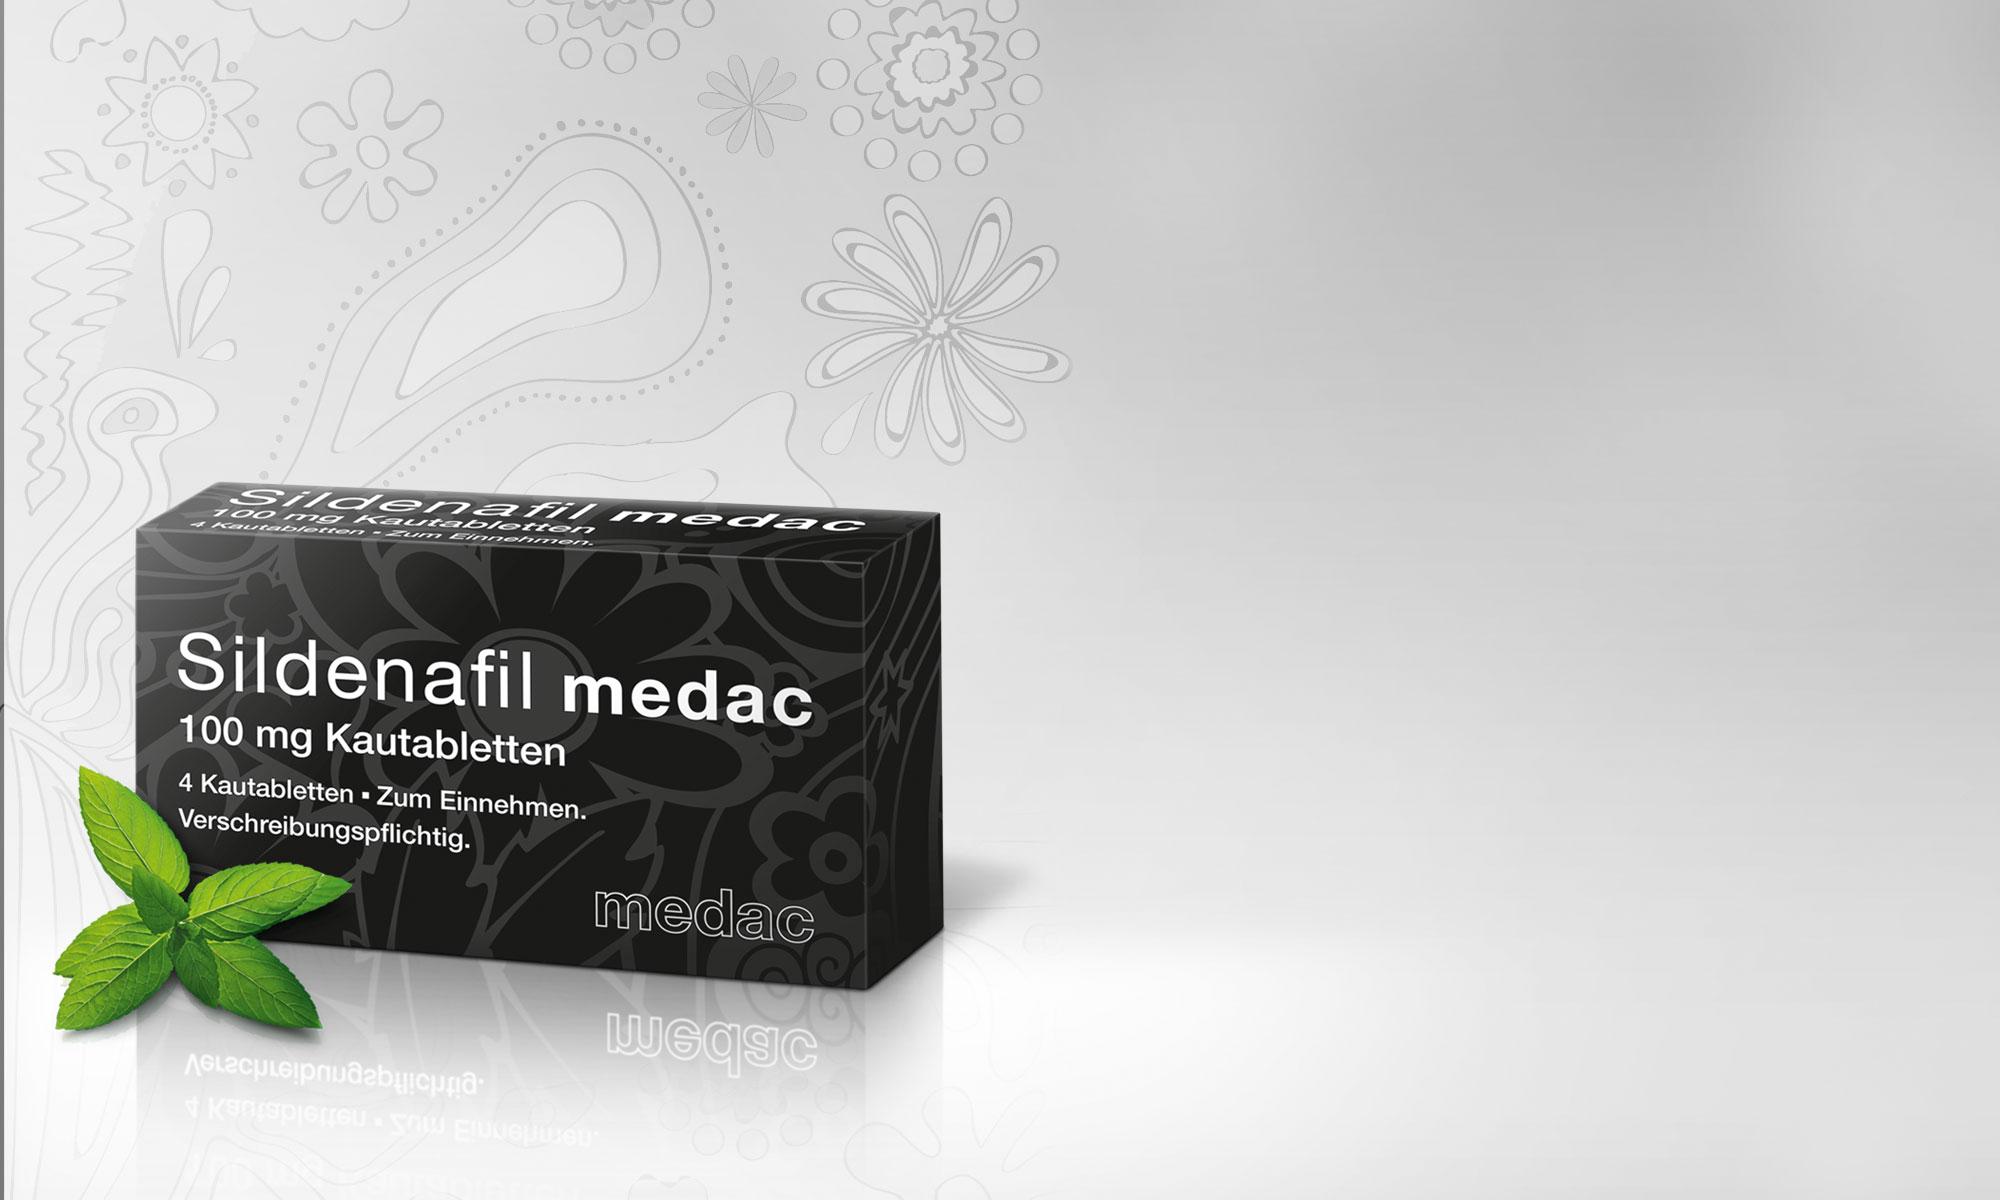 Launchkampagne und Packaging für sildenafil medac